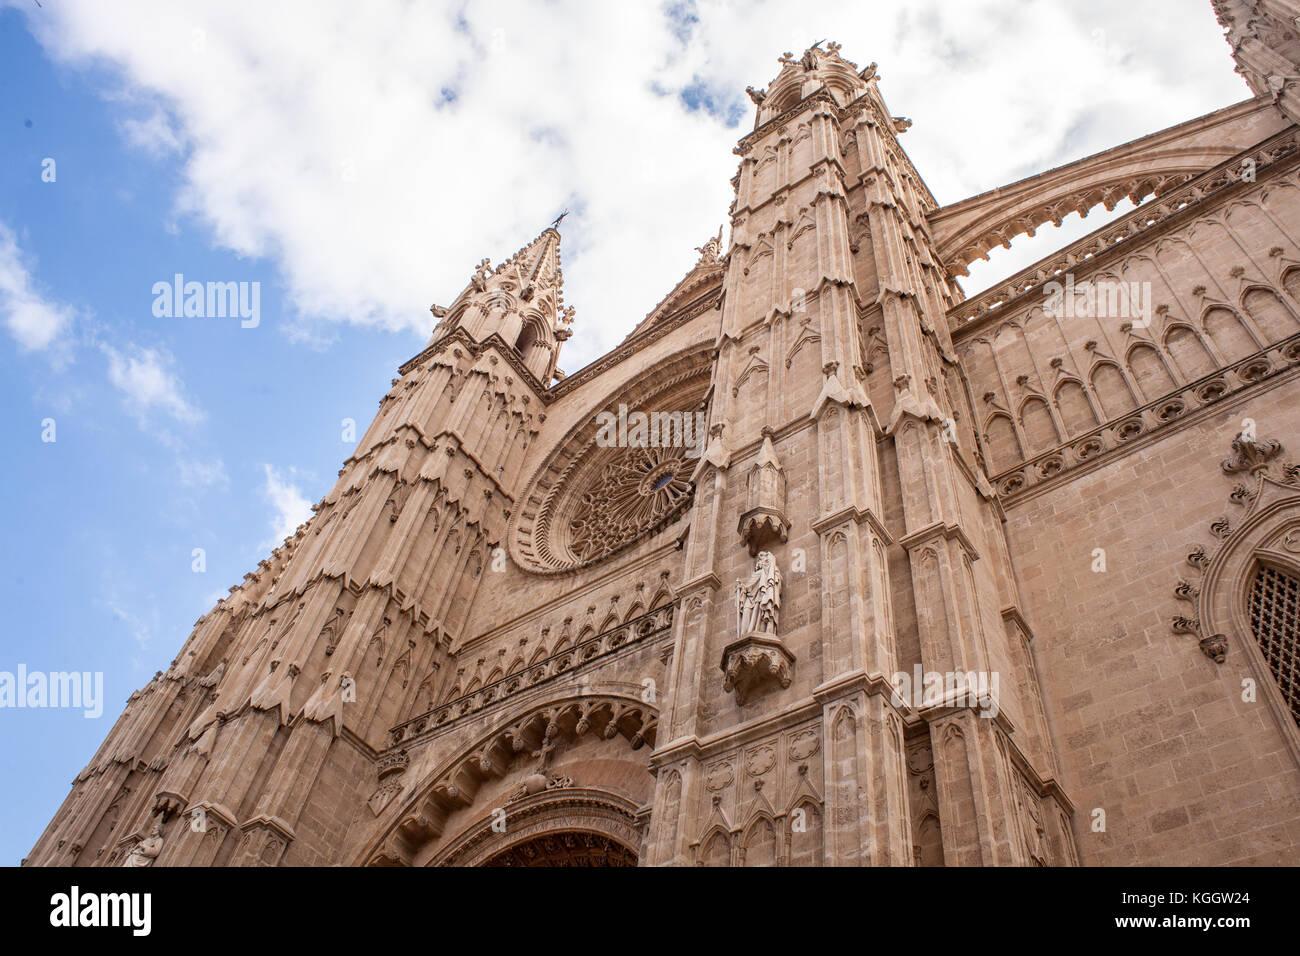 Le cathédrale seu à Palma de Majorque, une destination touristique populaire, contre un ciel bleu avec Photo Stock